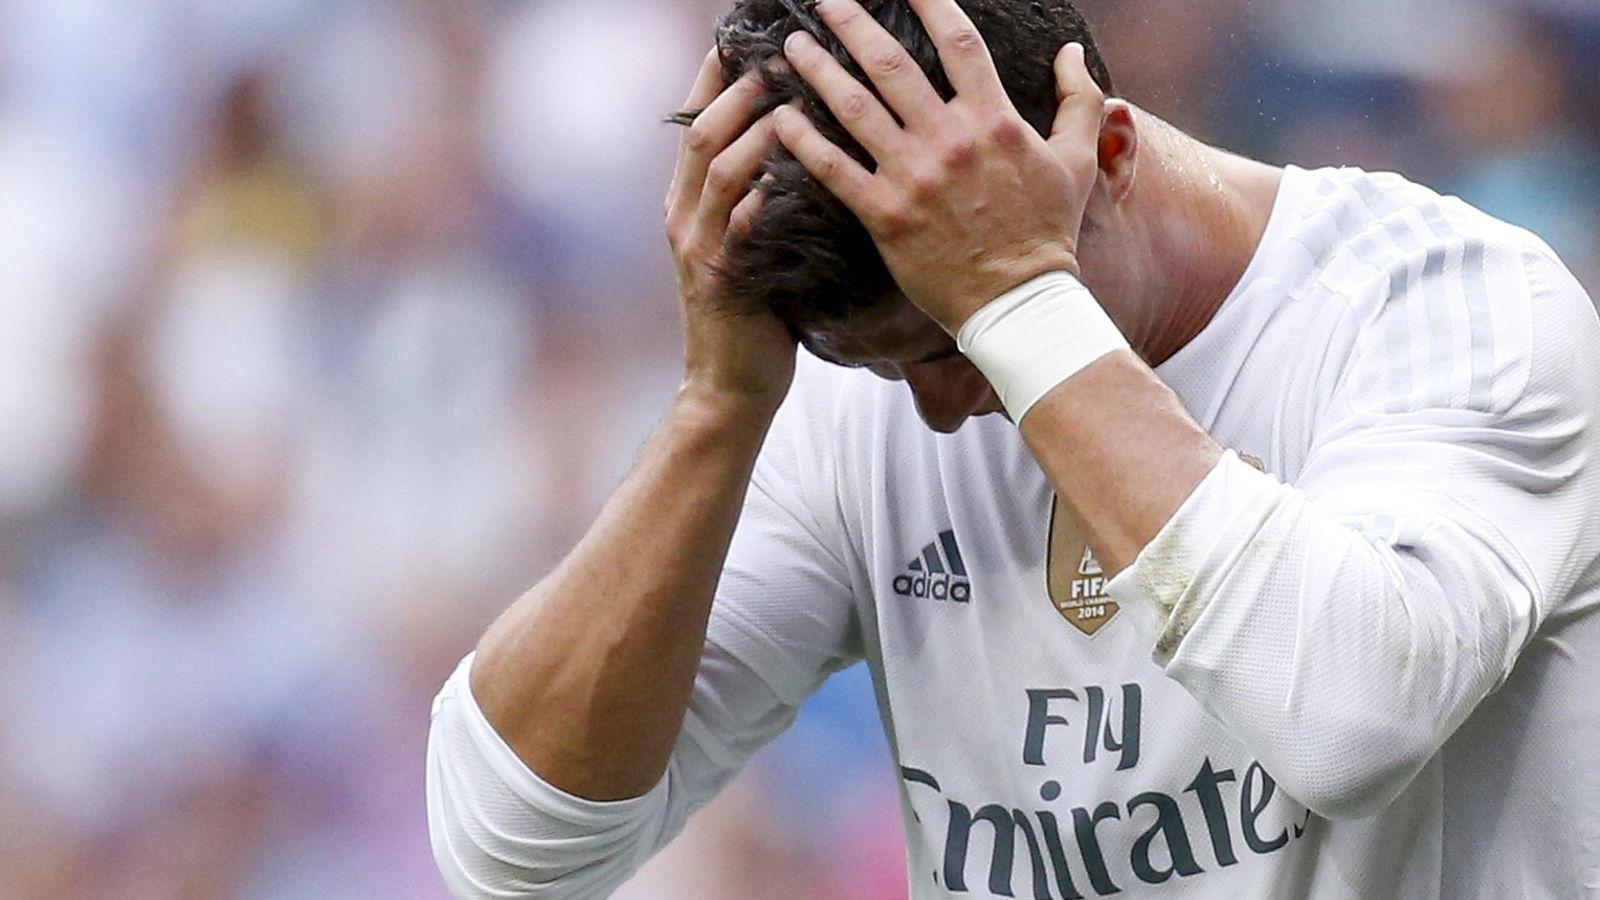 Foto: Cristiano se lamenta tras fallar una ocasión de gol (REUTERS)